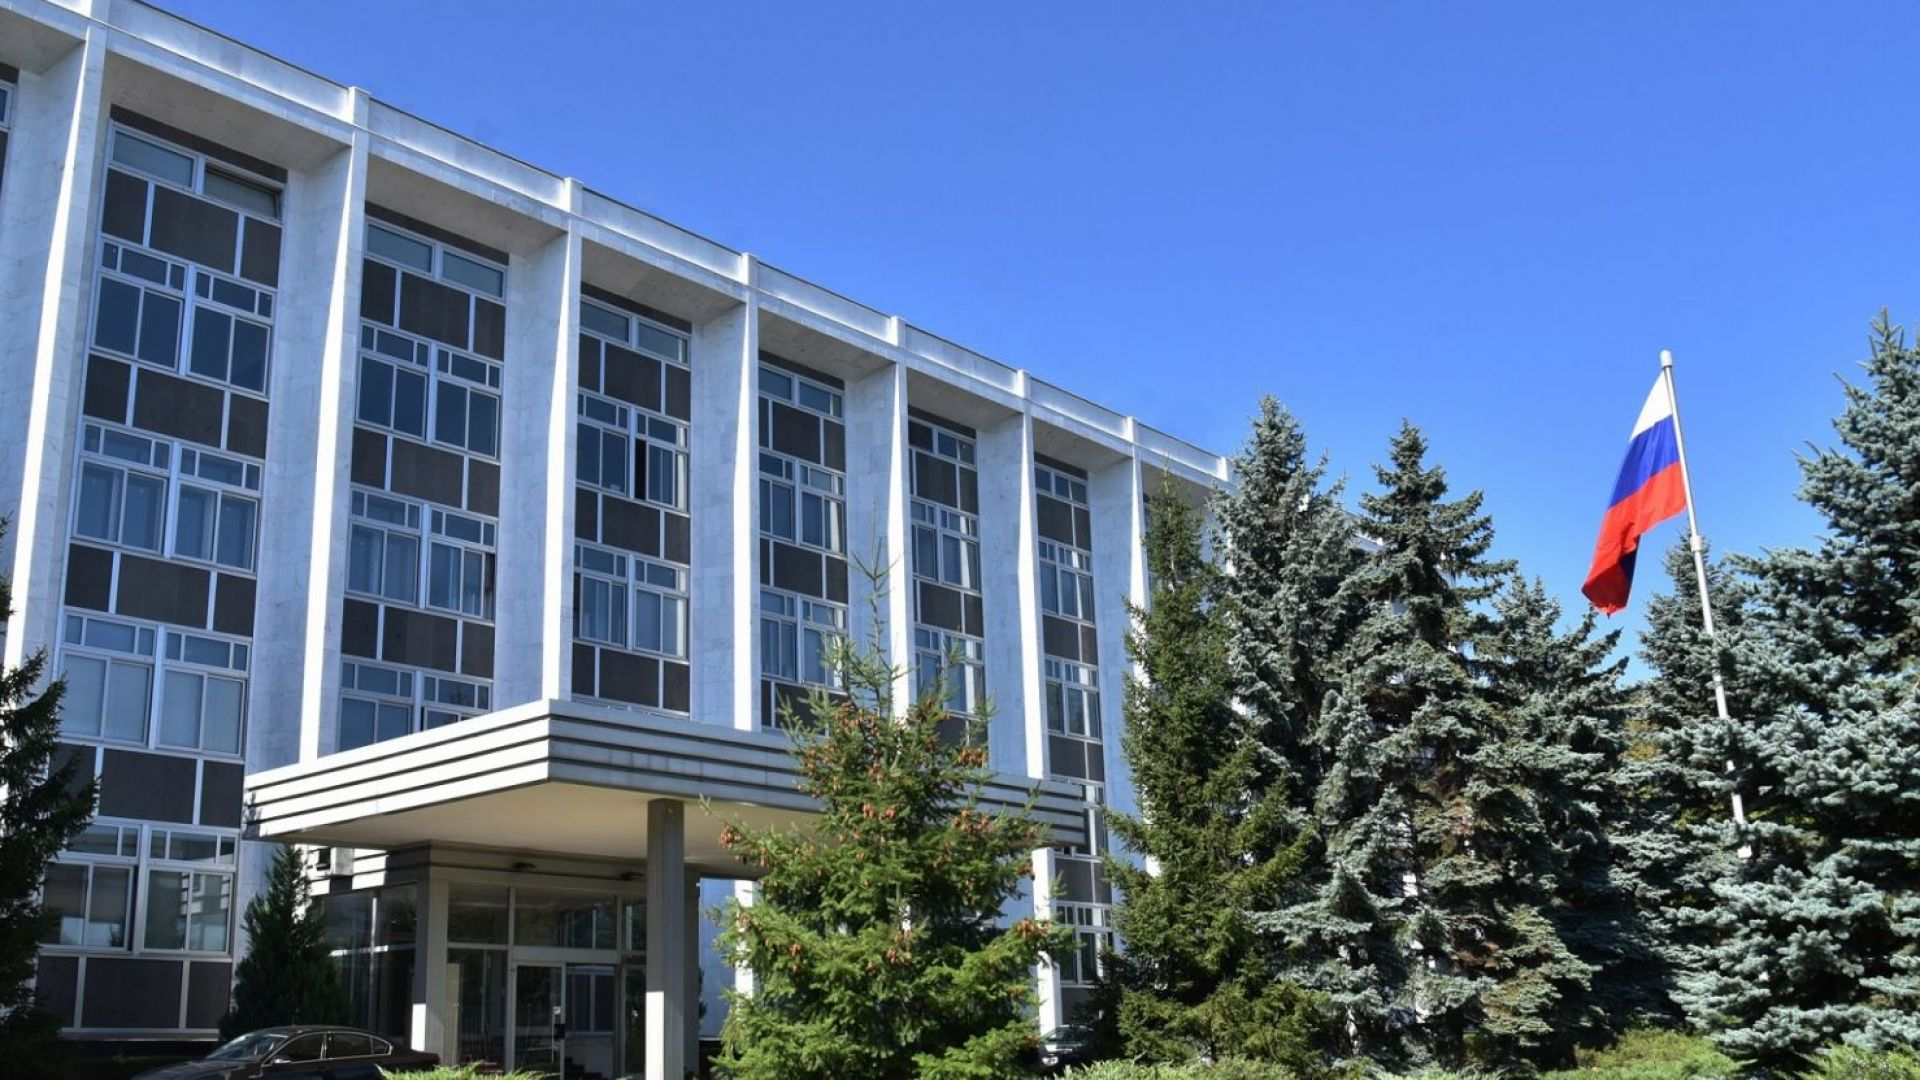 Първият секретар на посолството на Руската федерация в София е